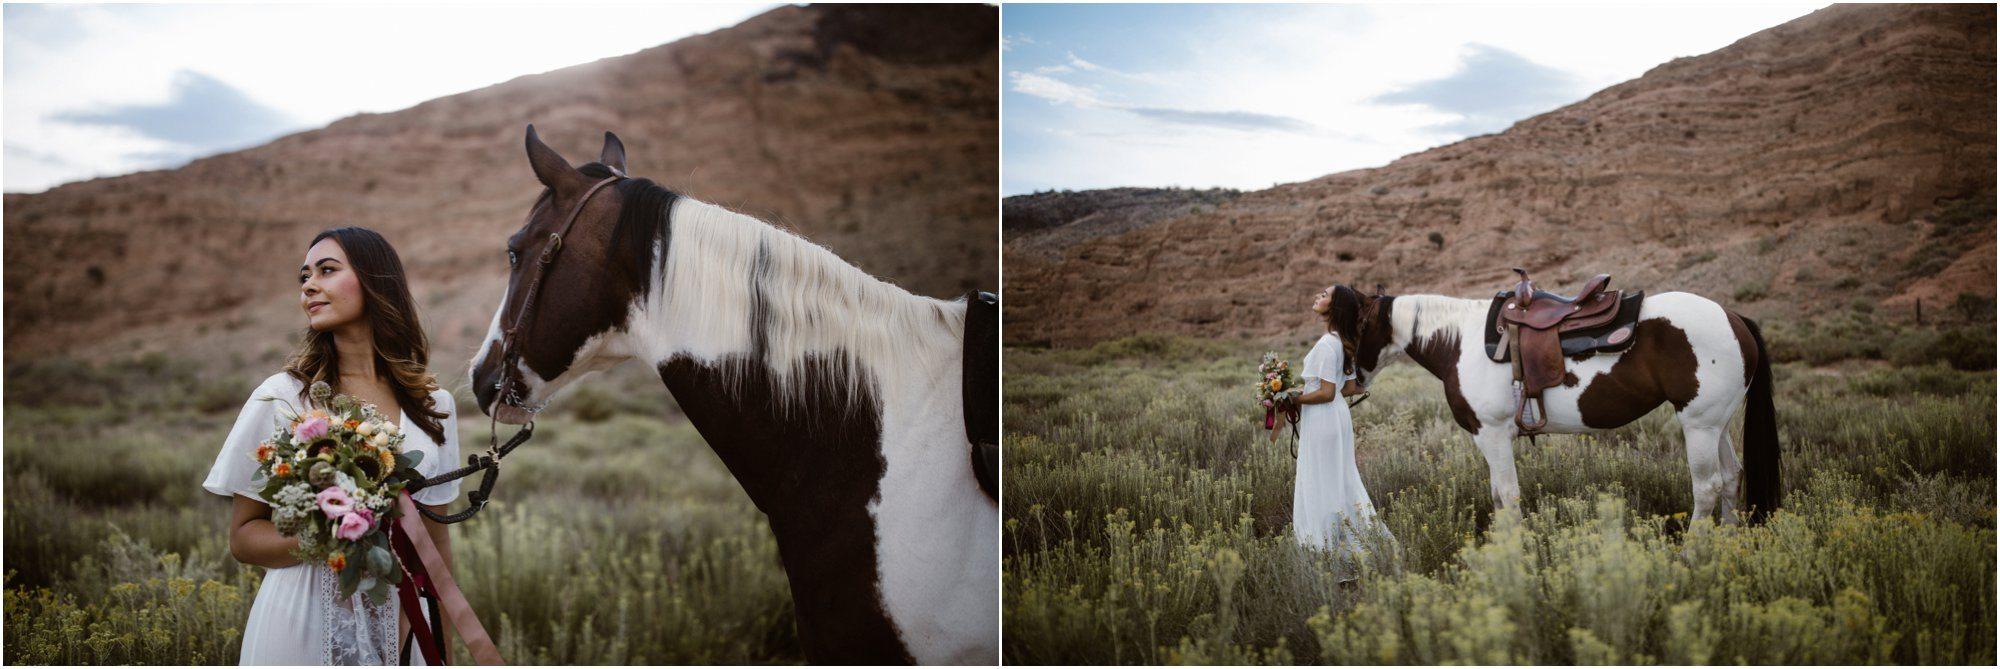 009Blue Rose Photography_ Albuquerque Portrait Photographer_ Fine Art Portraits_ Santa Fe Photographer